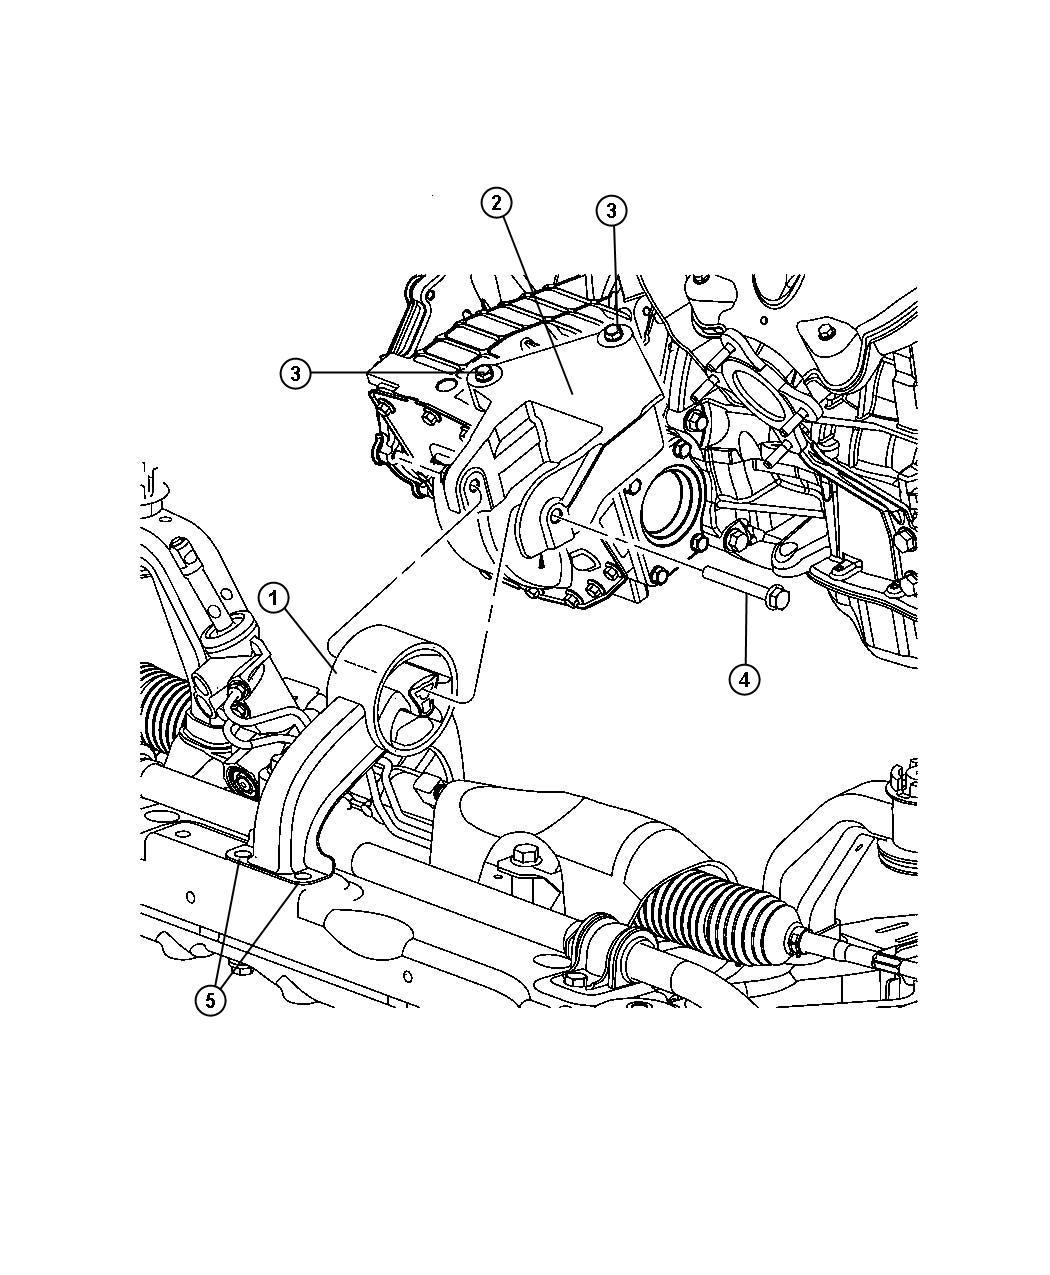 Dodge 4 7 liter engine diagram fuse box diagram for a 1997 dodge ram 1500